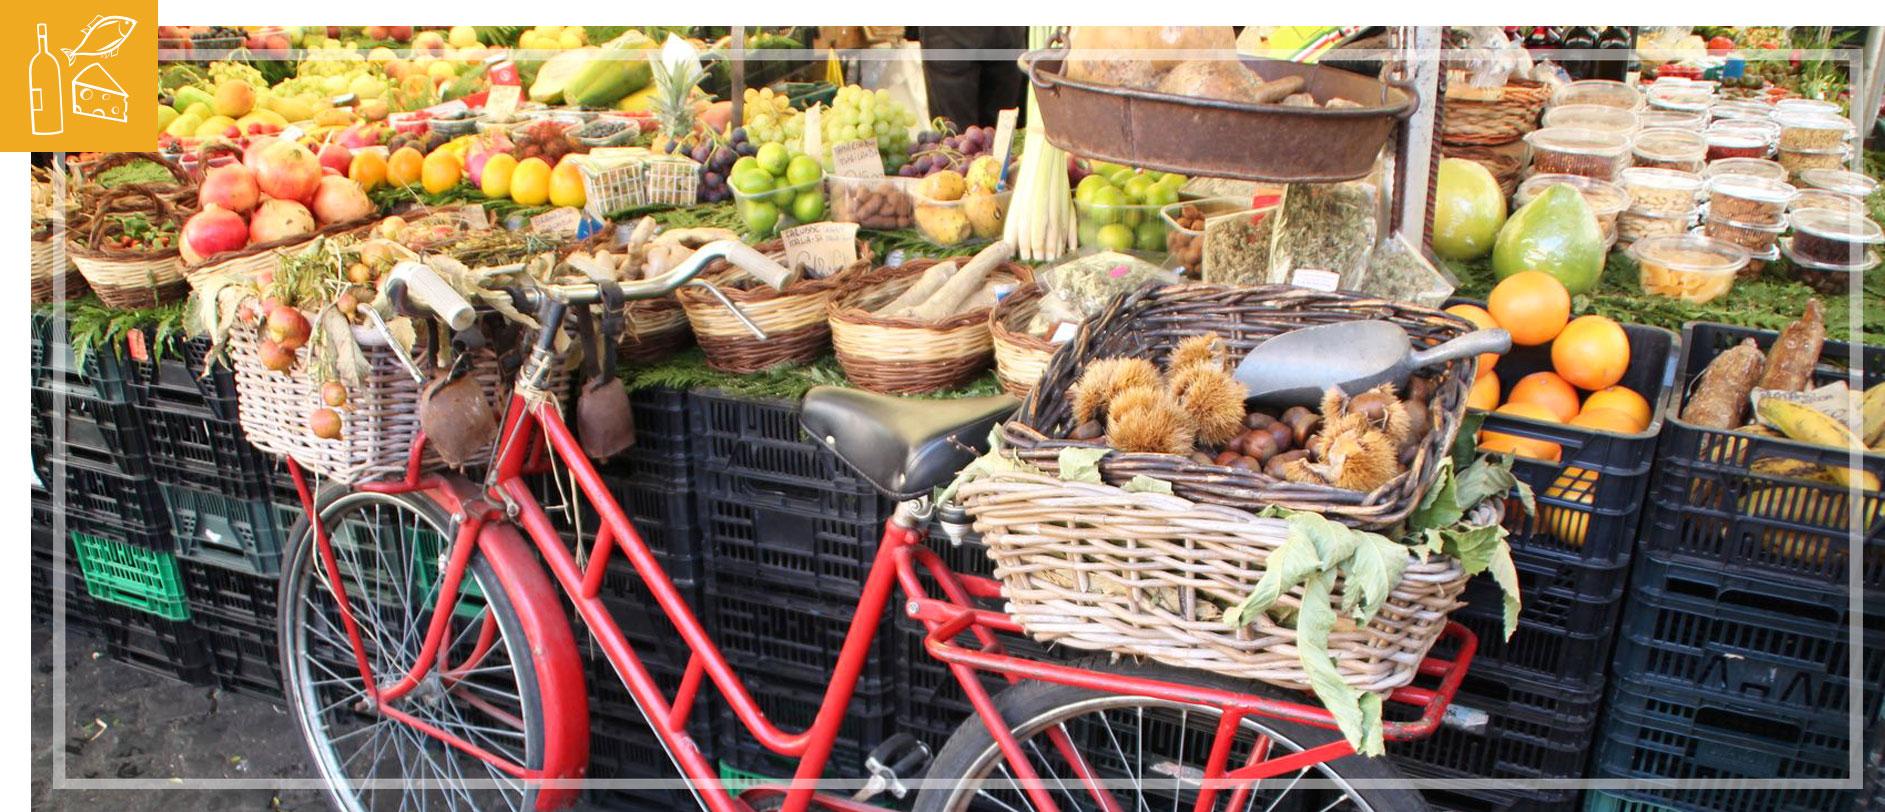 Food_markets_bnr_5_2